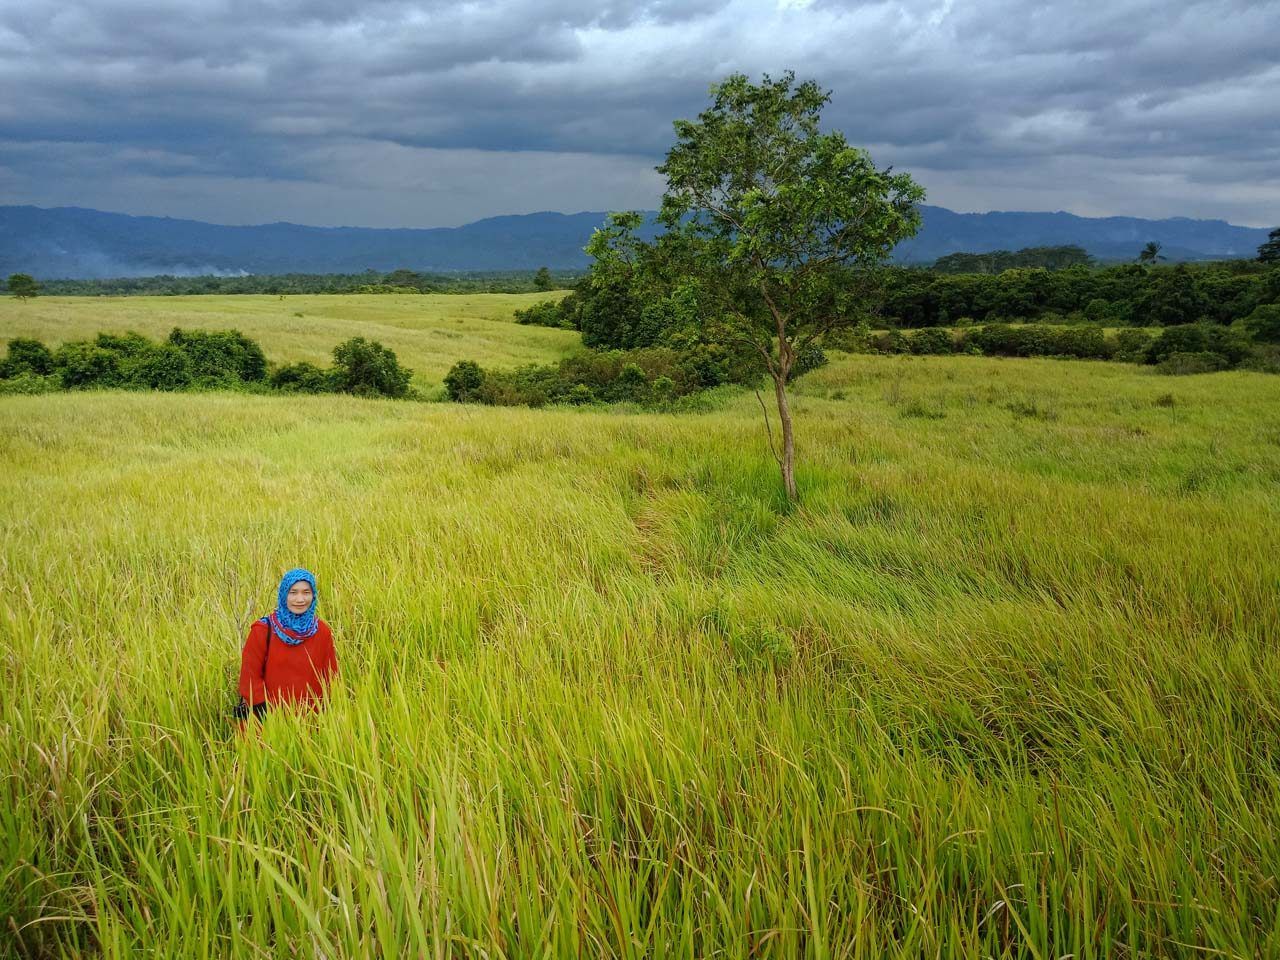 Padang Rumput - Suoh Lampung Barat - Yopie Pangkey - 2